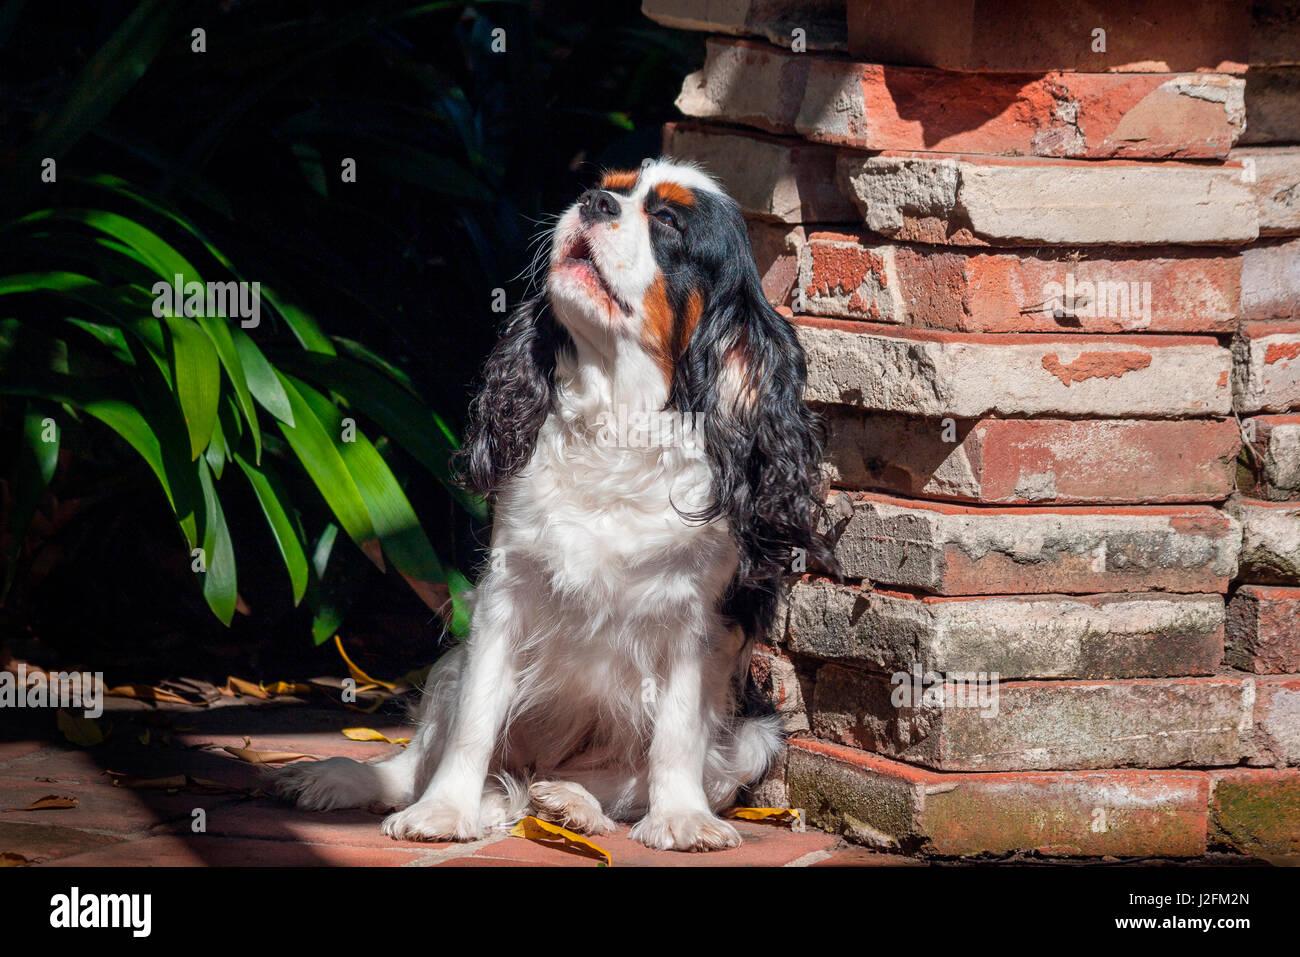 Cavalier King Charles Spaniel puppy - Stock-Bilder